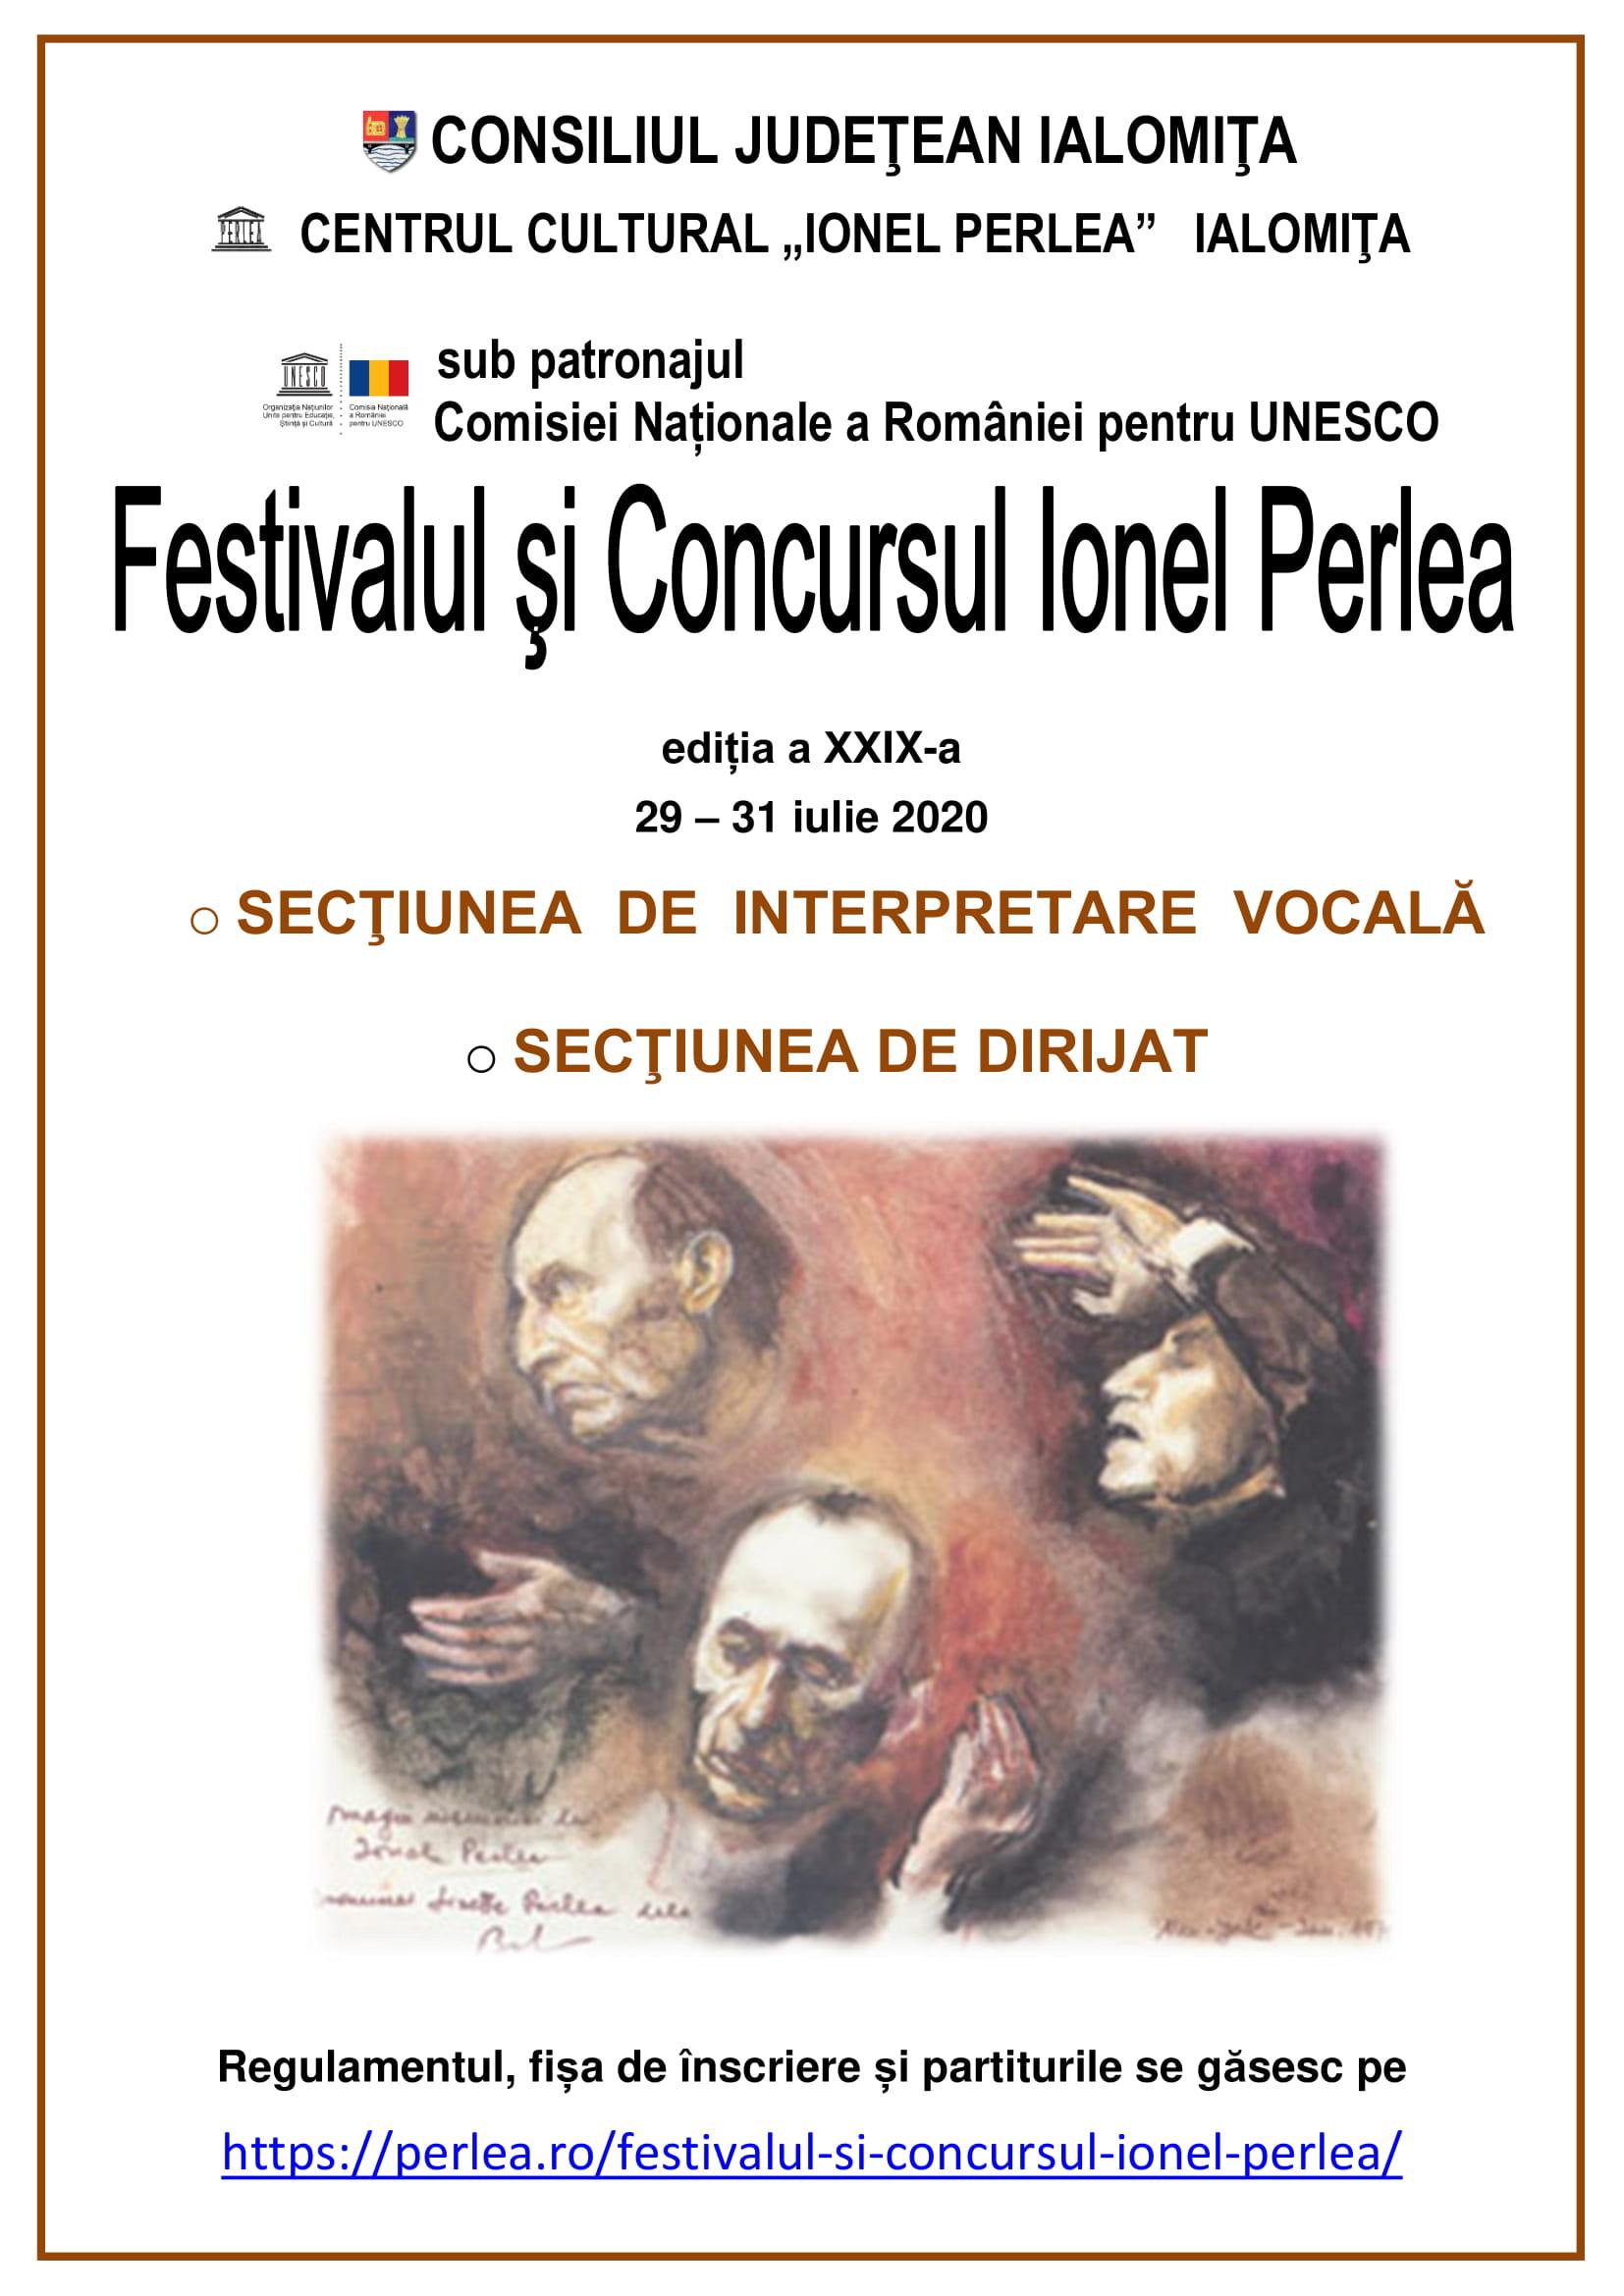 FESTIVALUL ŞI CONCURSUL IONEL PERLEA ediţia XXIX, 29 – 31 iulie 2020